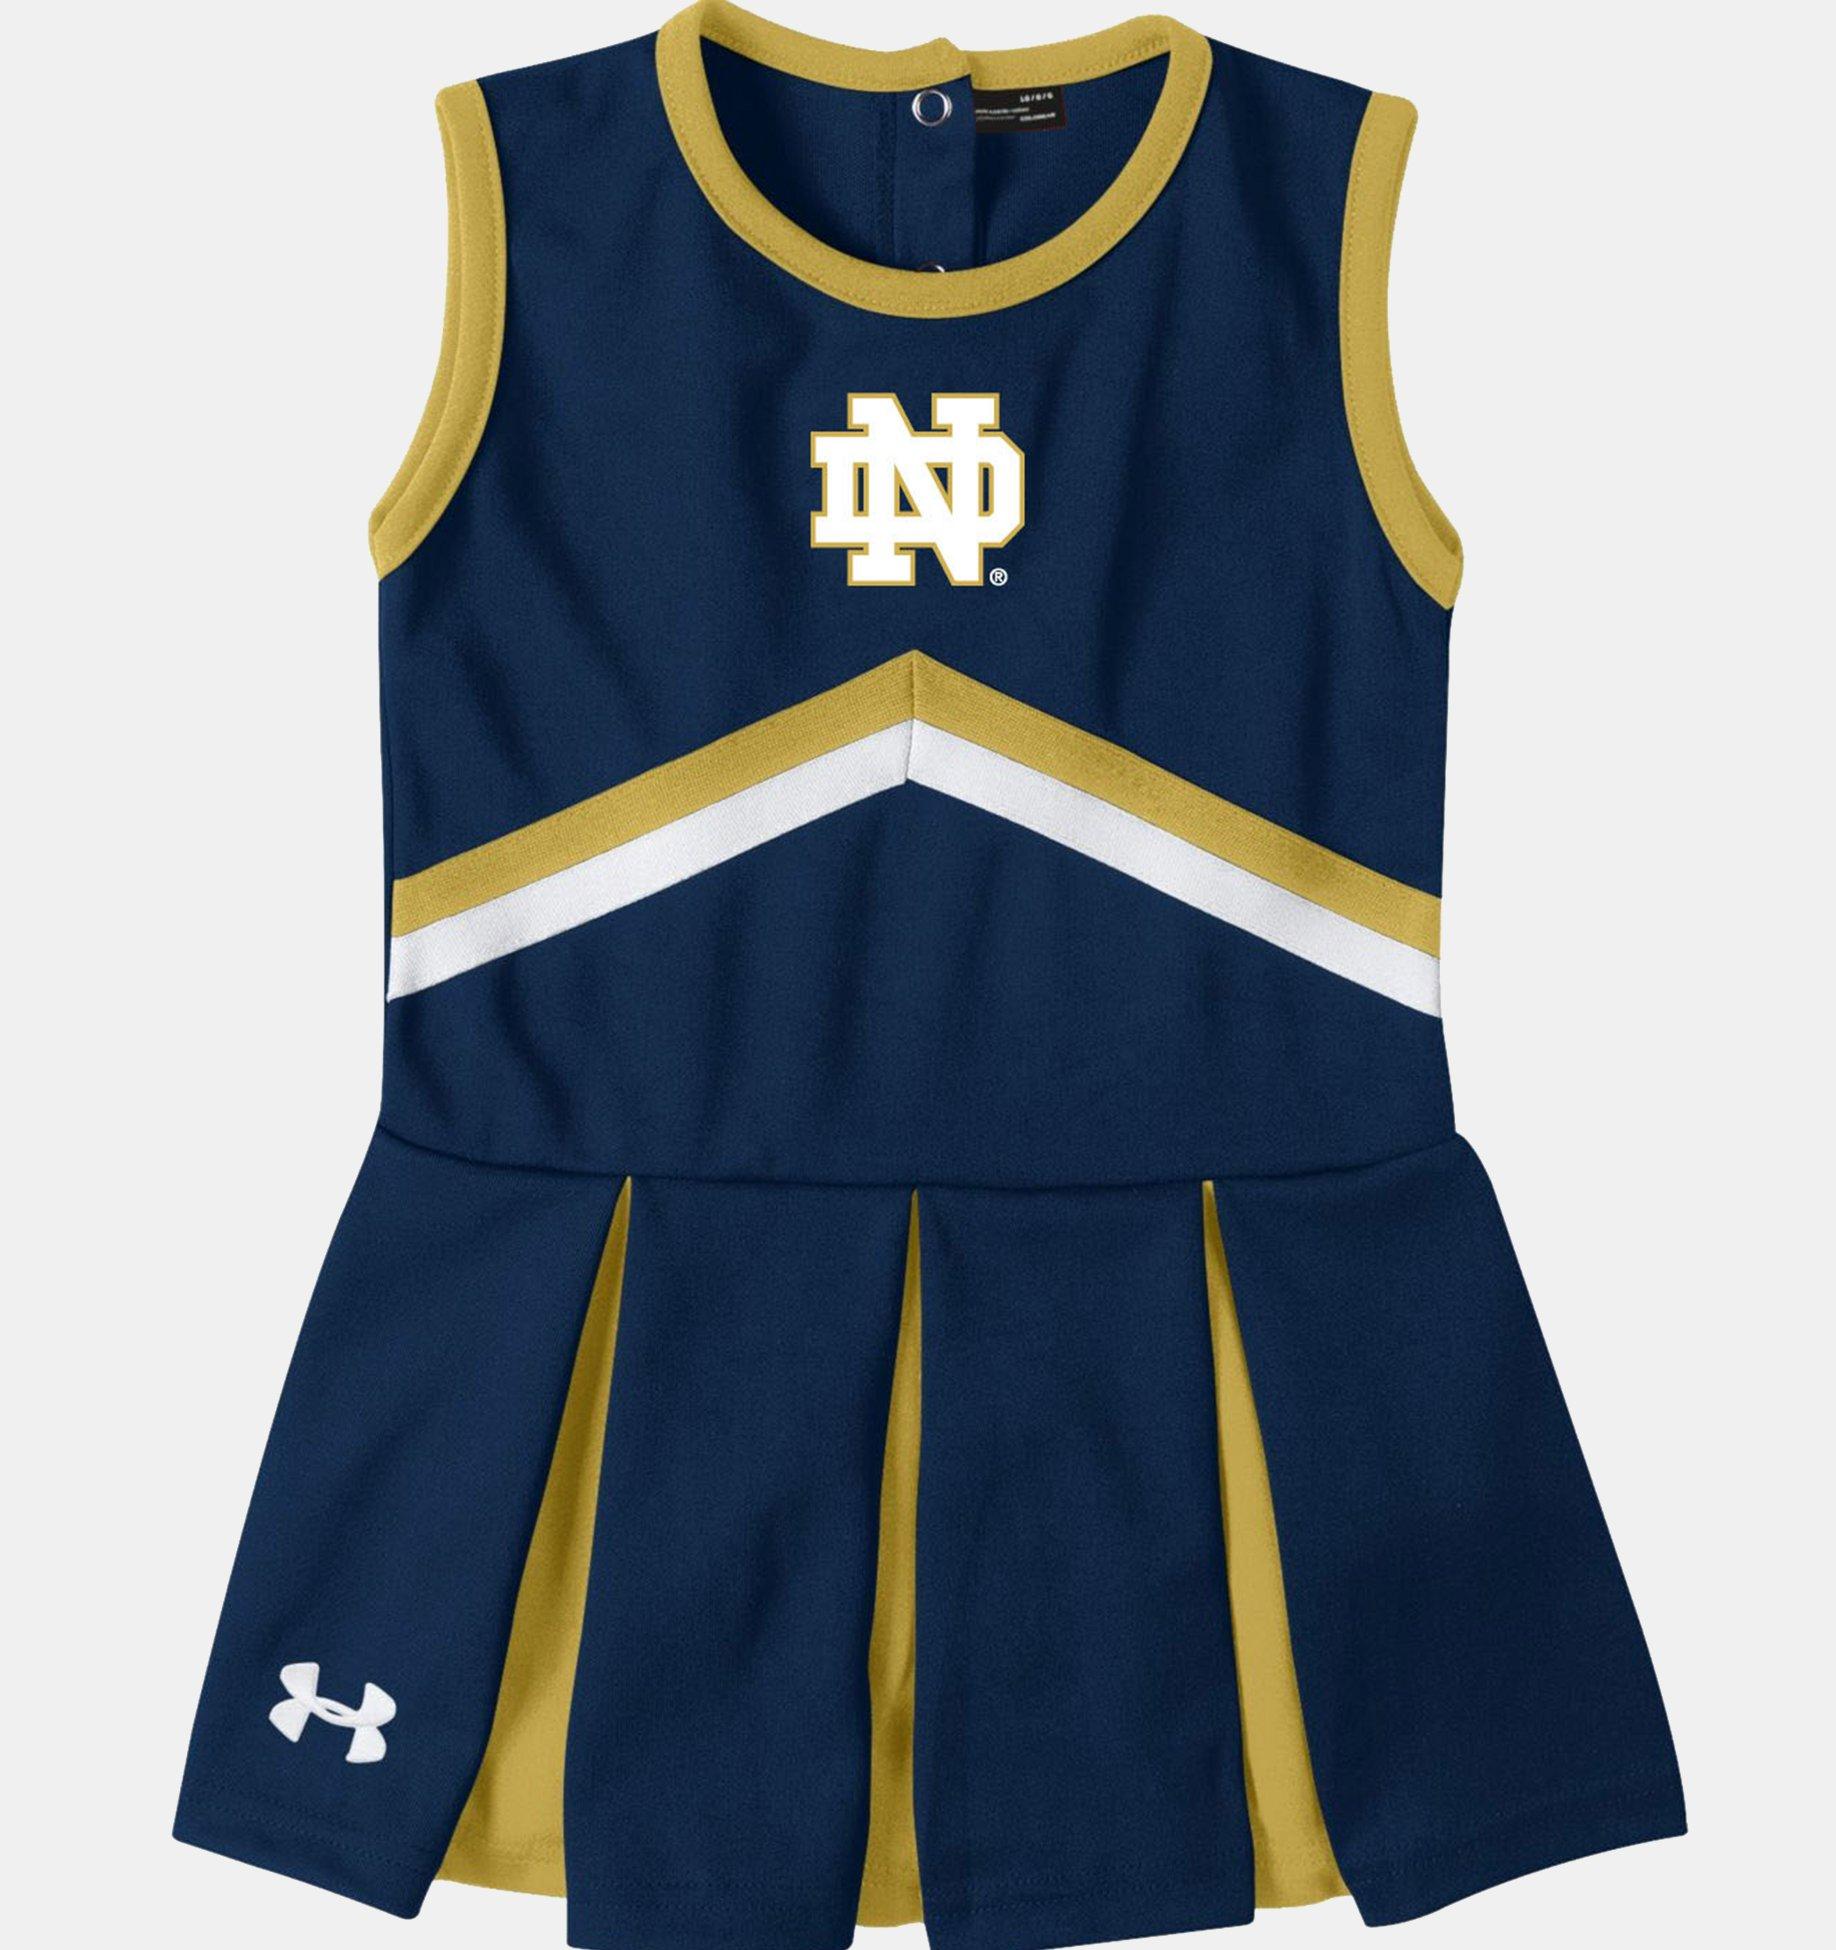 Underarmour Toddler UA Cheer Collegiate Dress